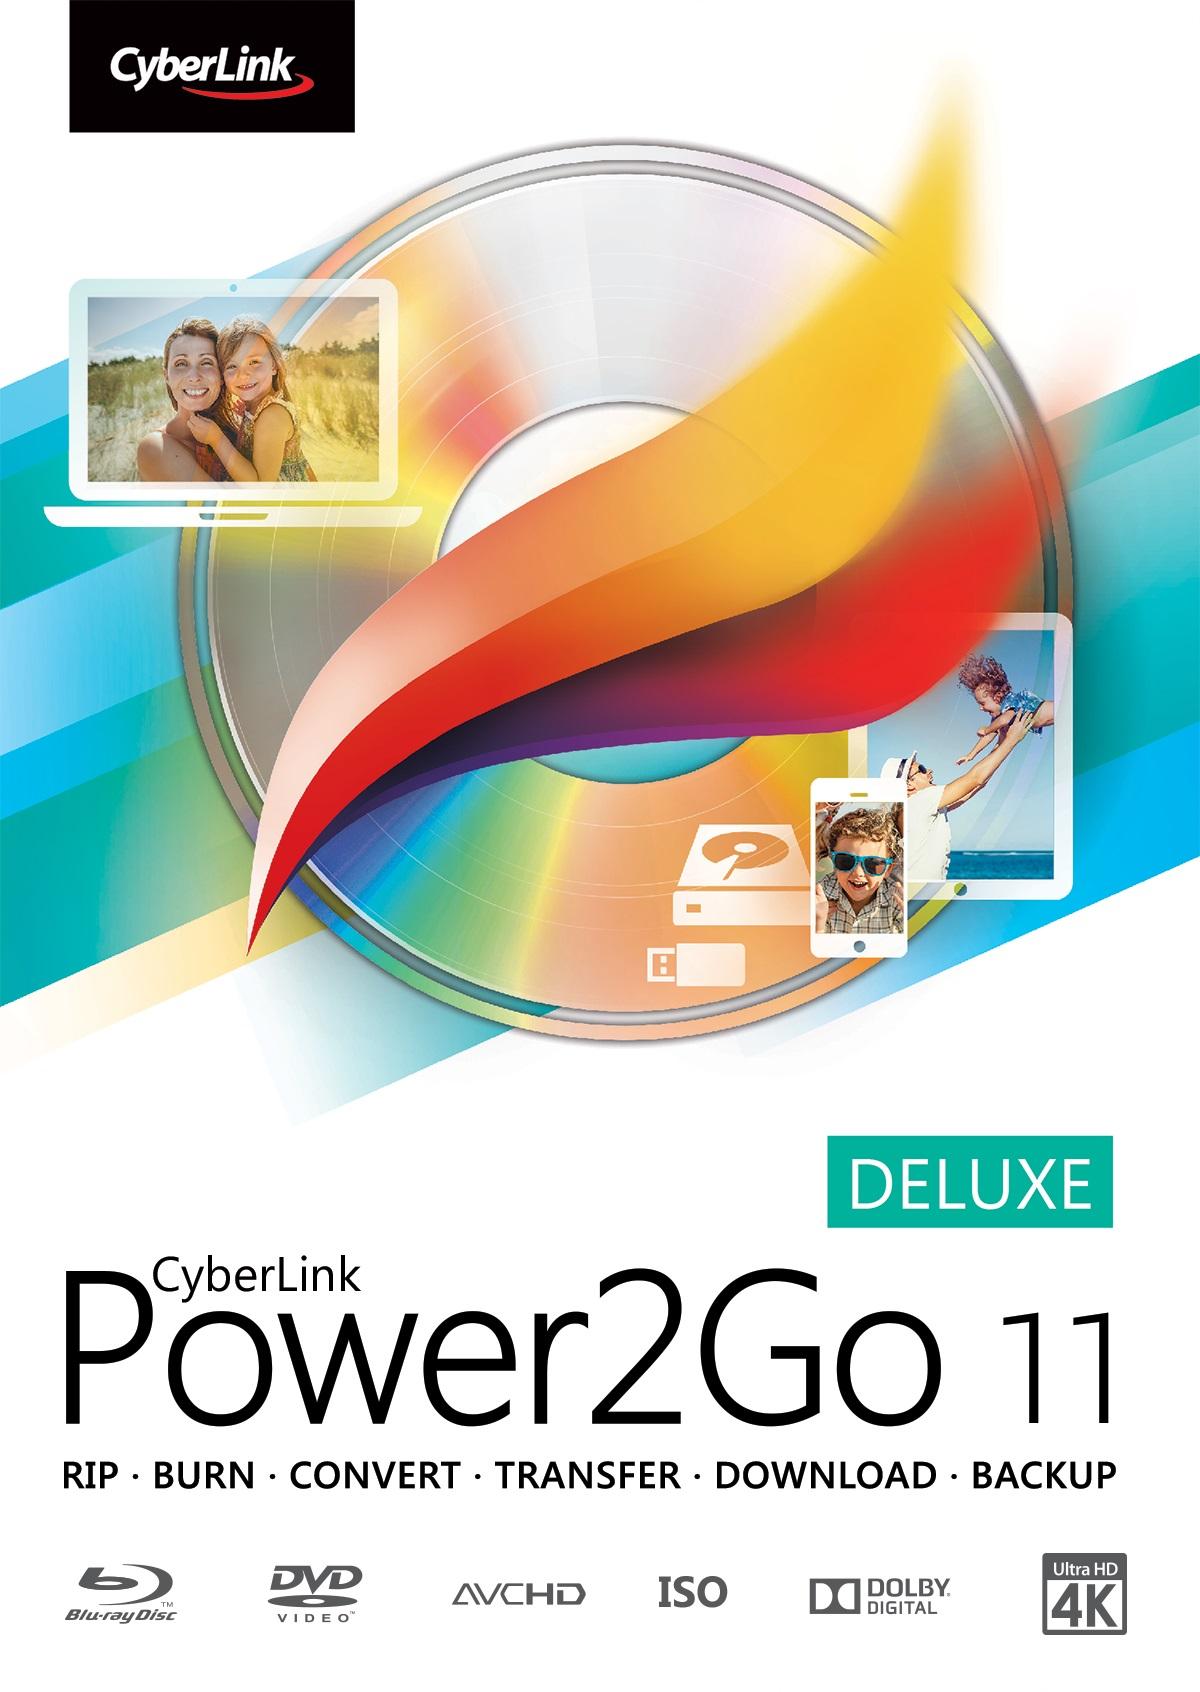 cyberlink-power2go-11-deluxe-download